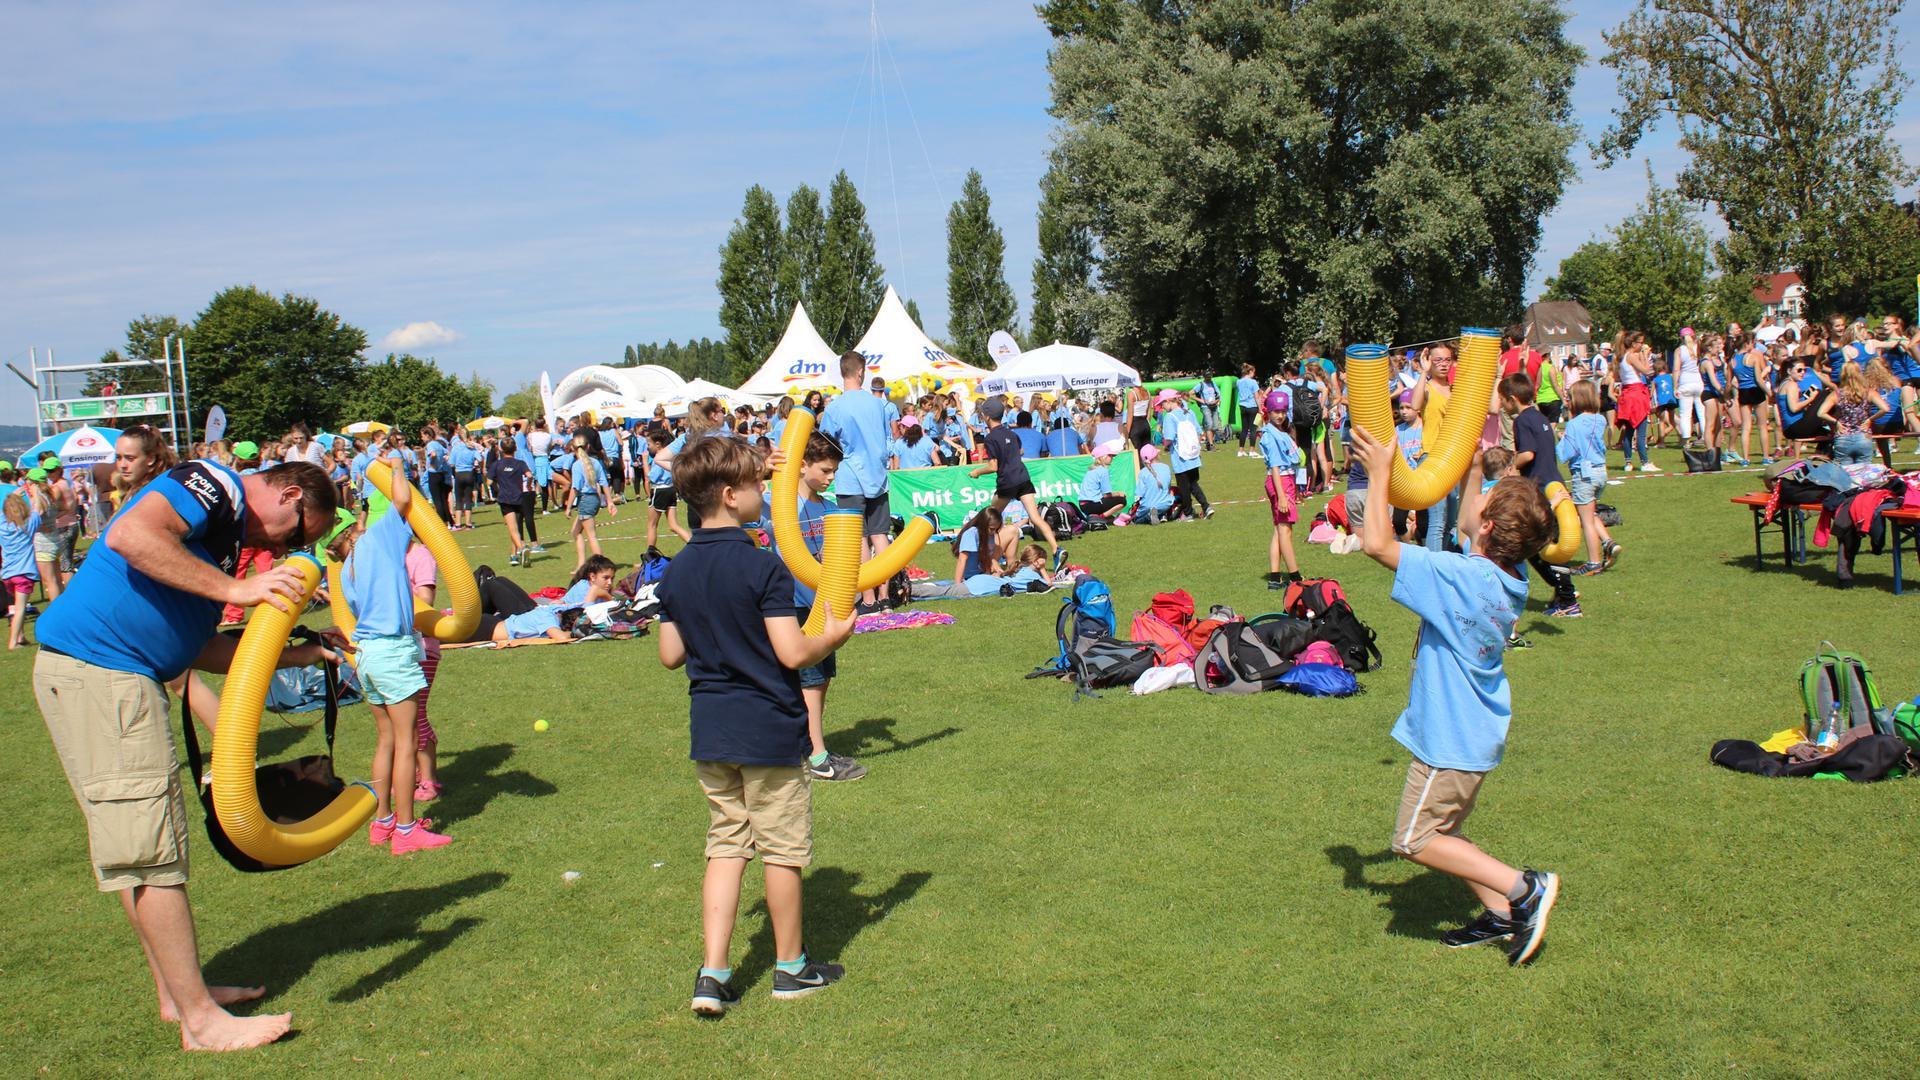 Landeskinderturnfest von der Badischen Turnerjugend